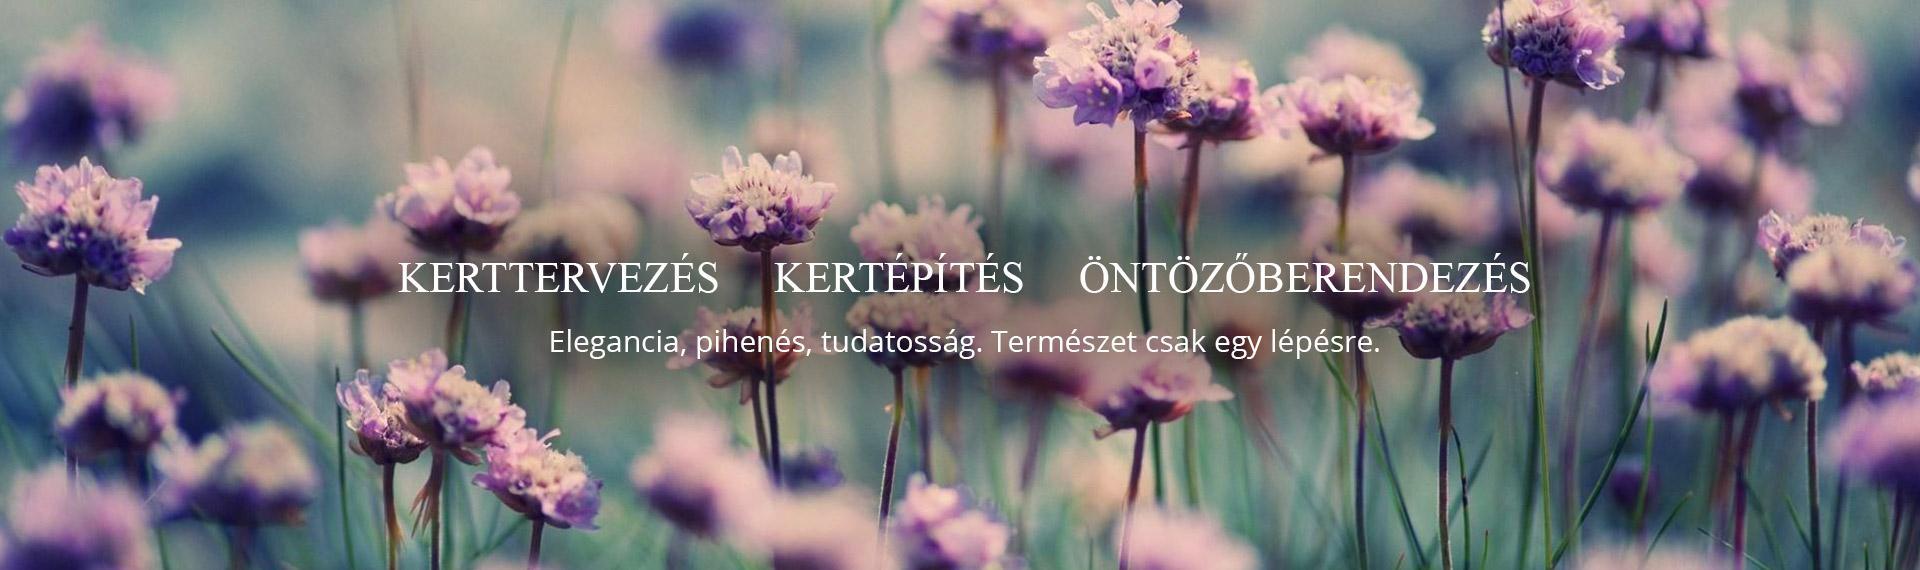 kotelewstamas-header-pc-004.jpg